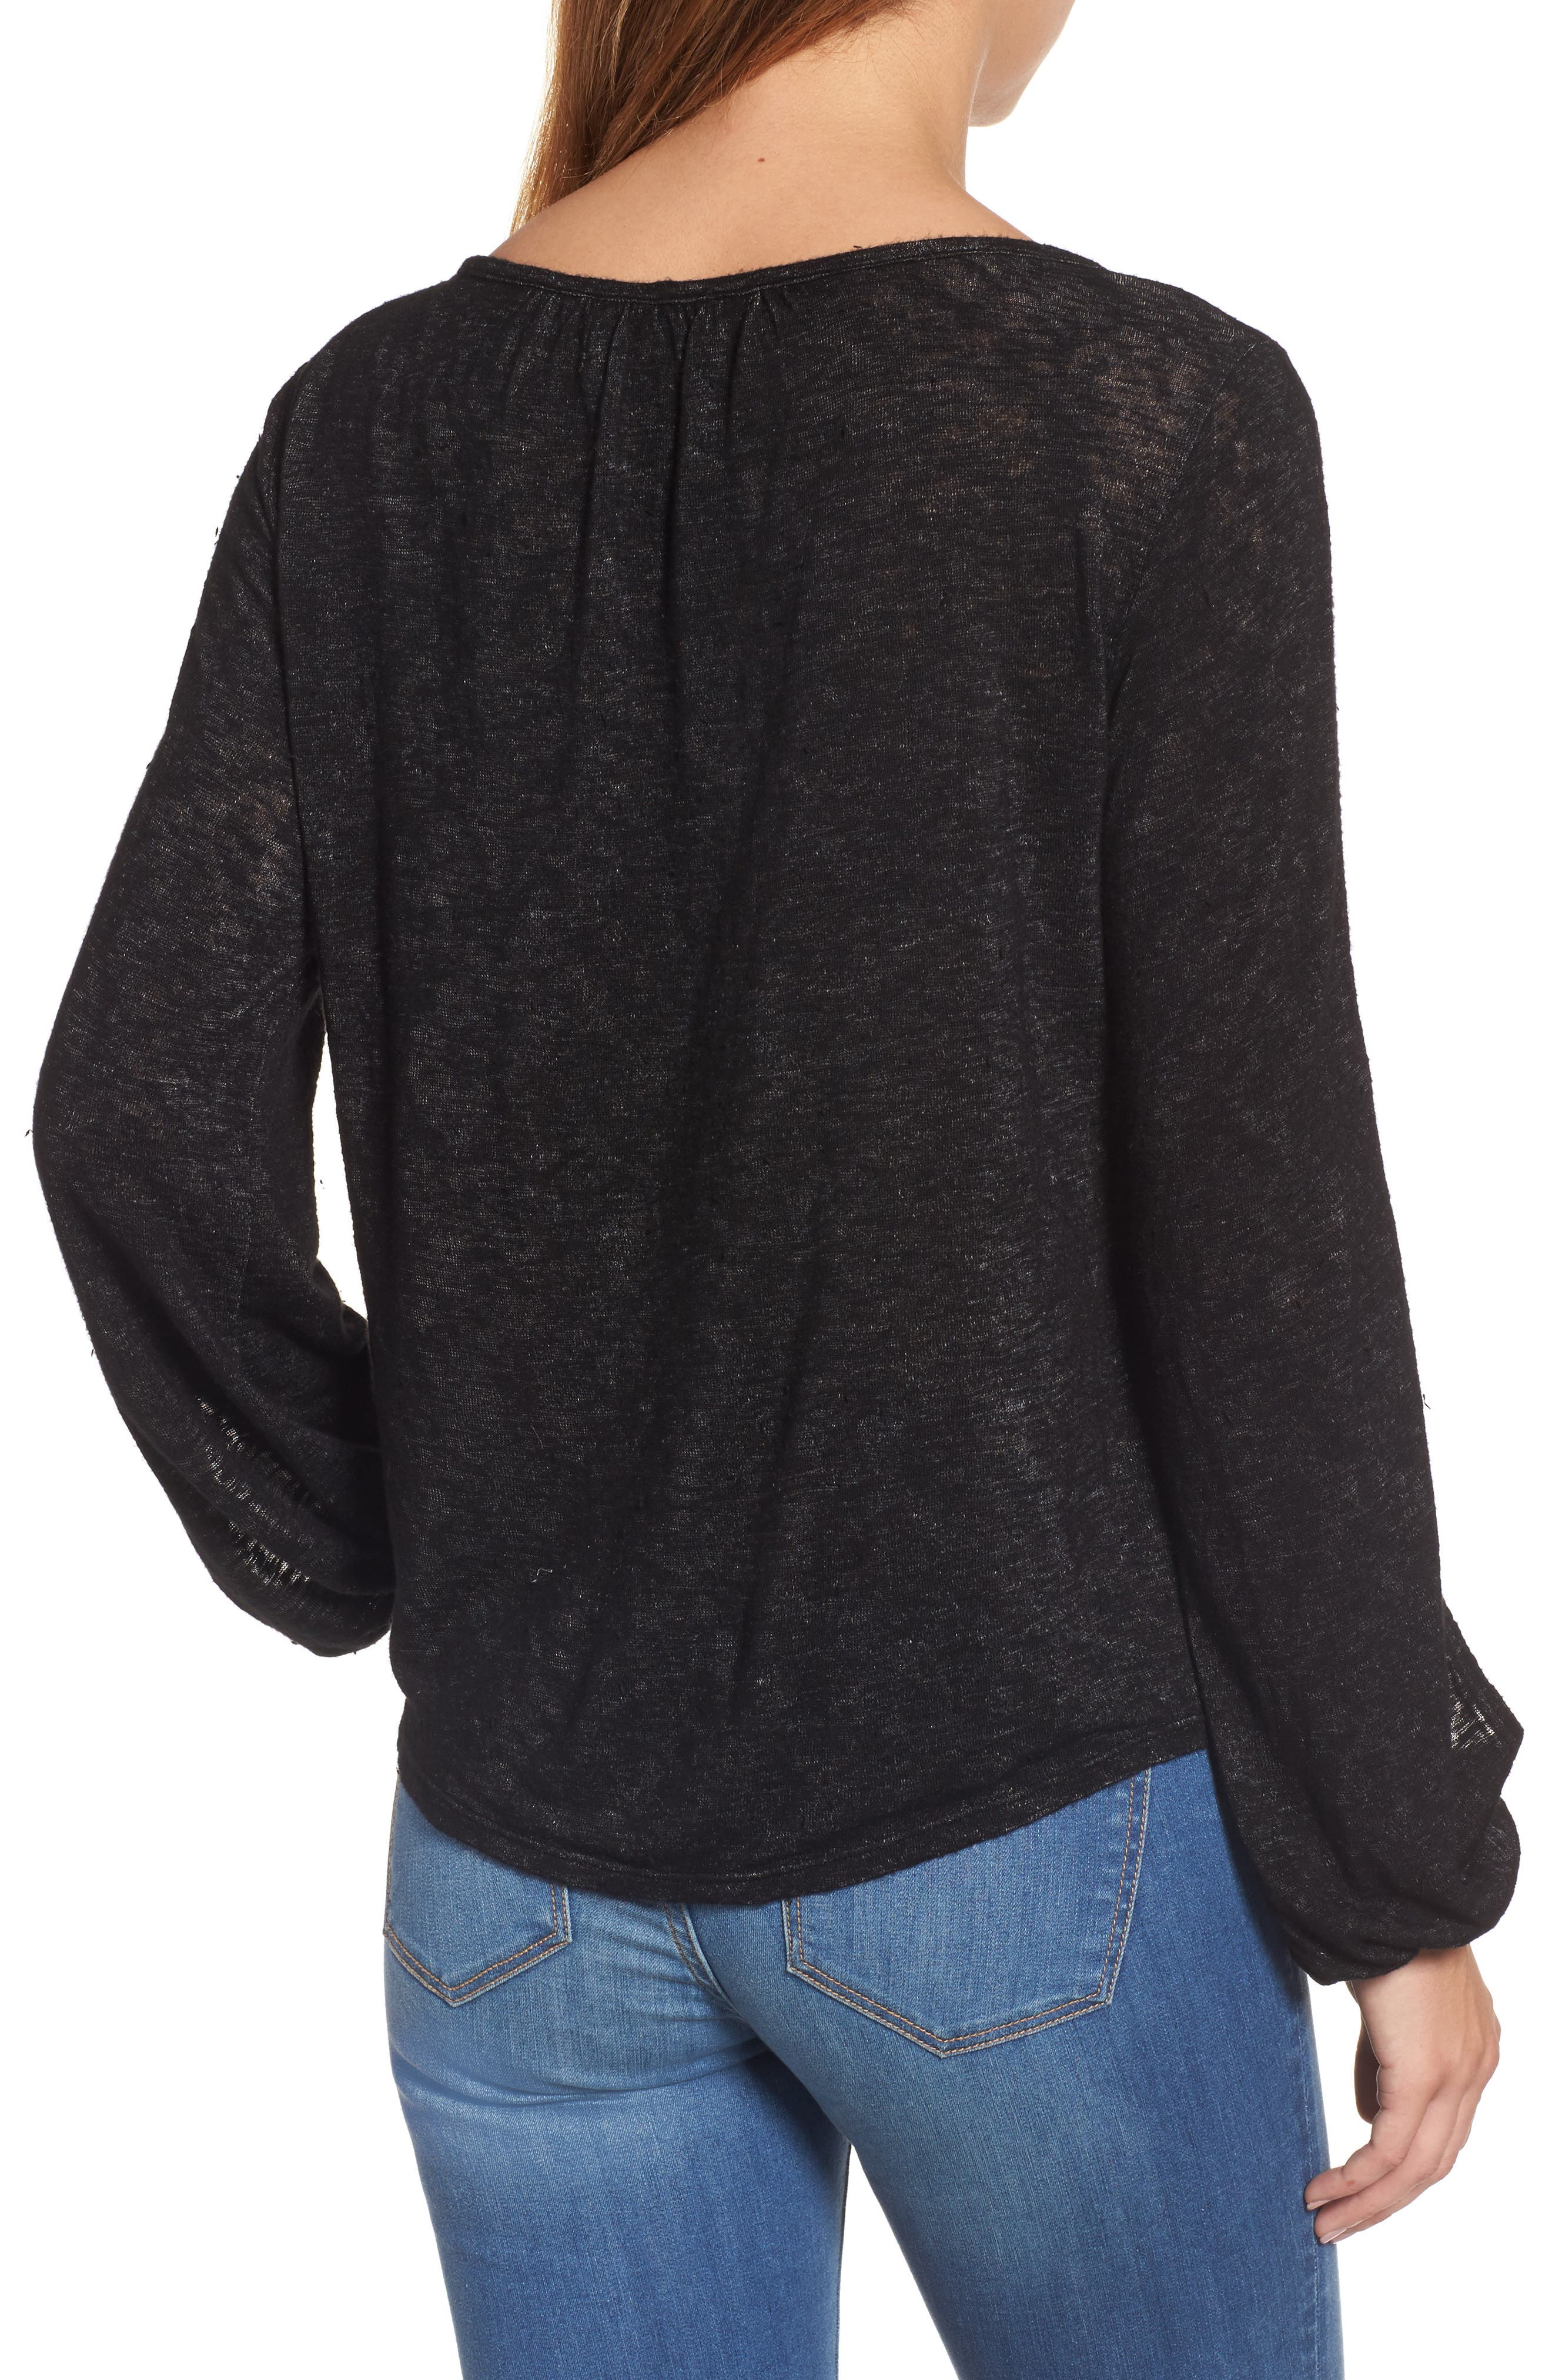 Alternate Image 2  - Velvet by Graham & Spencer Slit Sleeve Knit Top